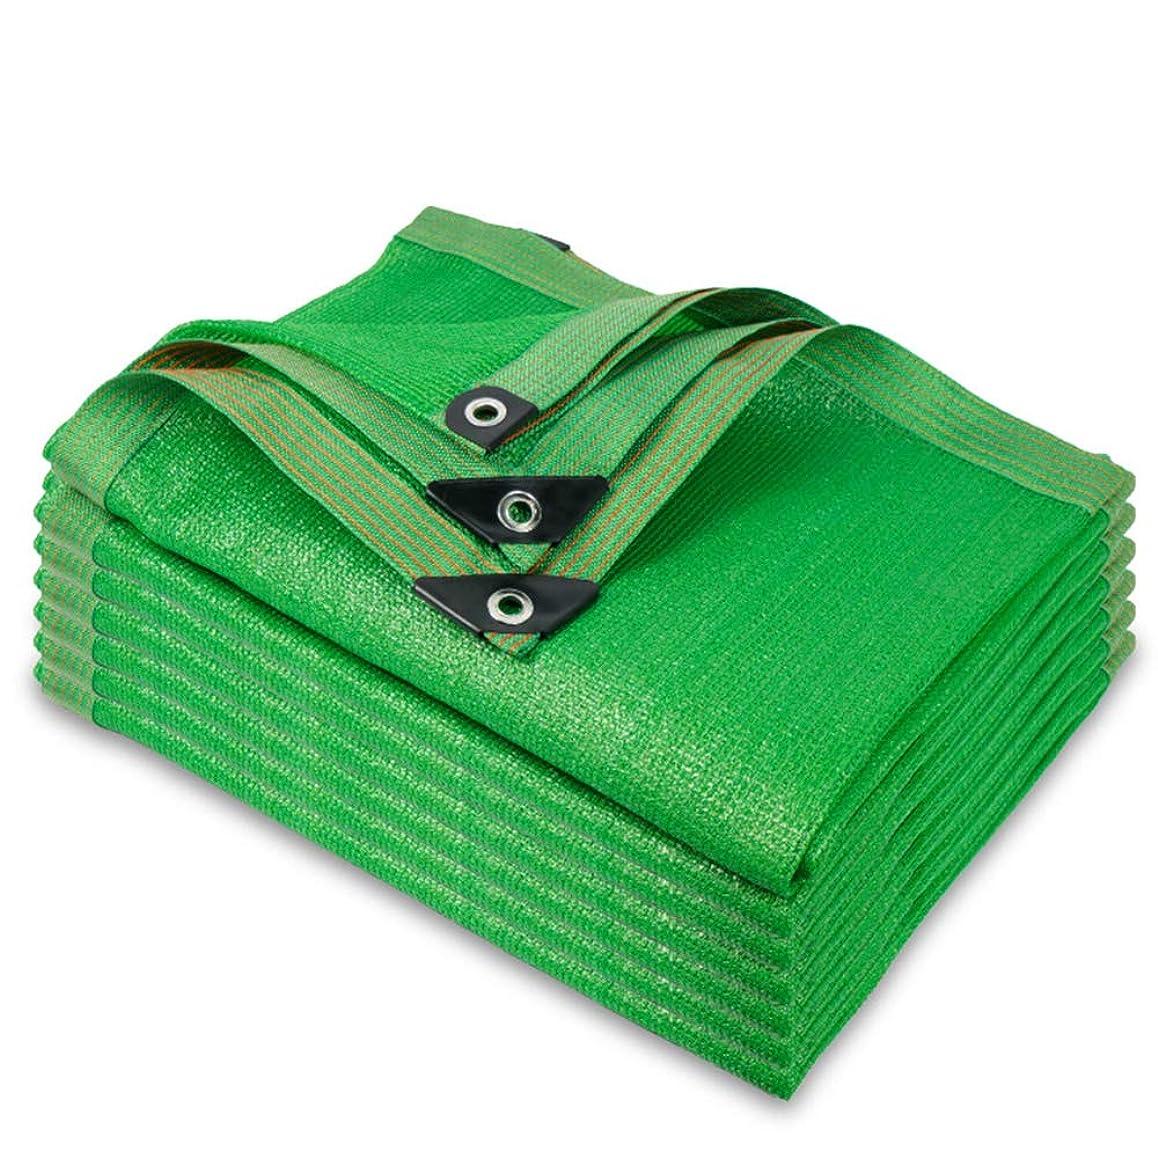 写真の海哲学博士緑の遮光ネット、85%通気性断熱ネット、テラス、庭園、温室、犬小屋用の頑丈な日よけ布